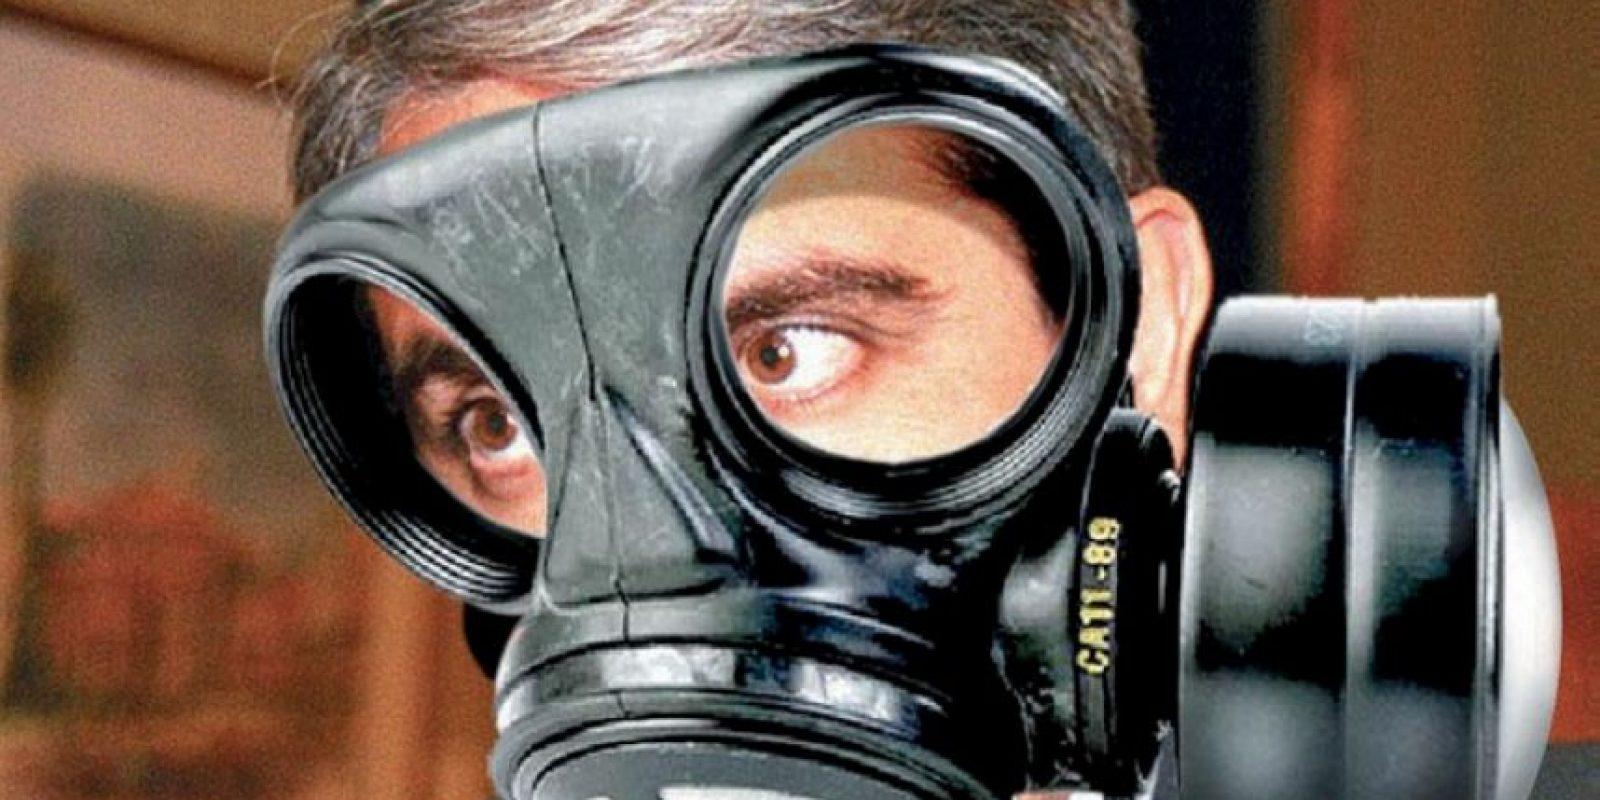 Las máscaras antigas hicieron su aparición. Foto:Vía twitter.comVía twitter.com